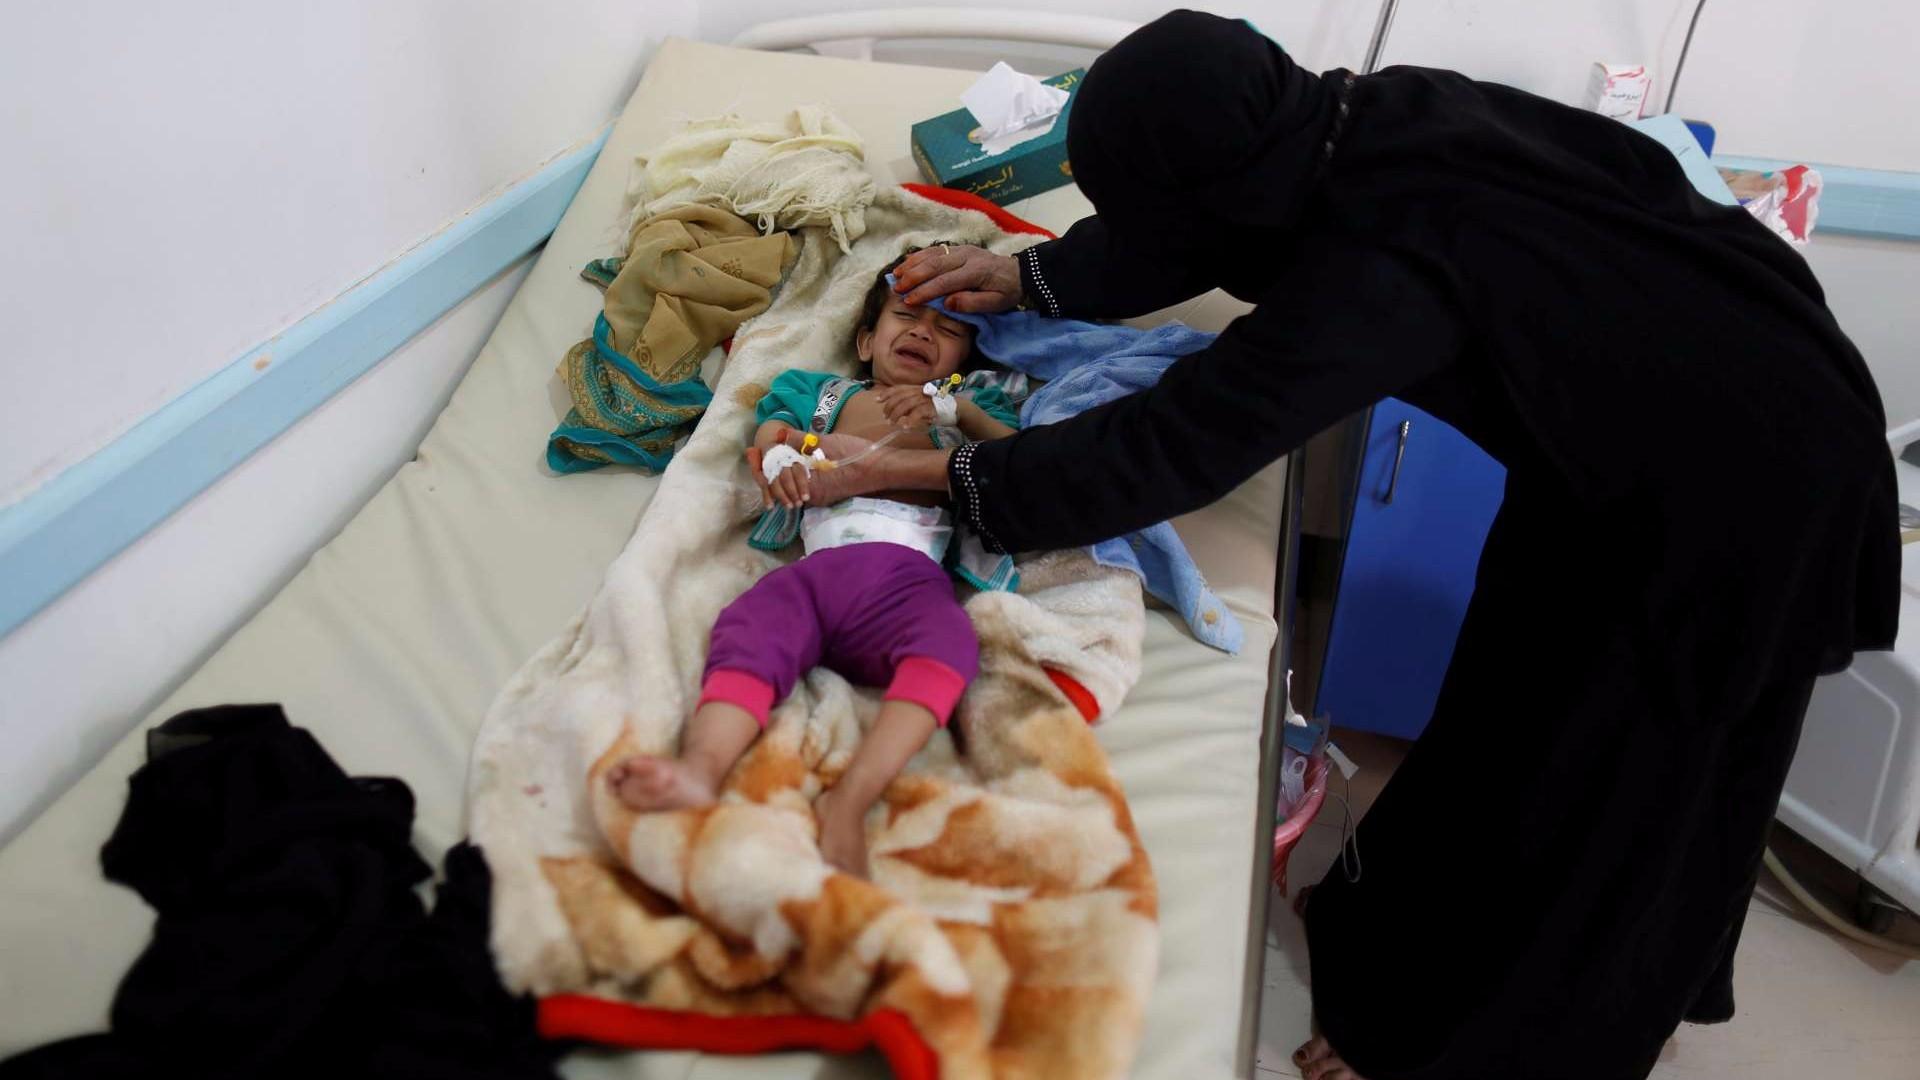 El cólera es el resultado directo del bloqueo a Yemen